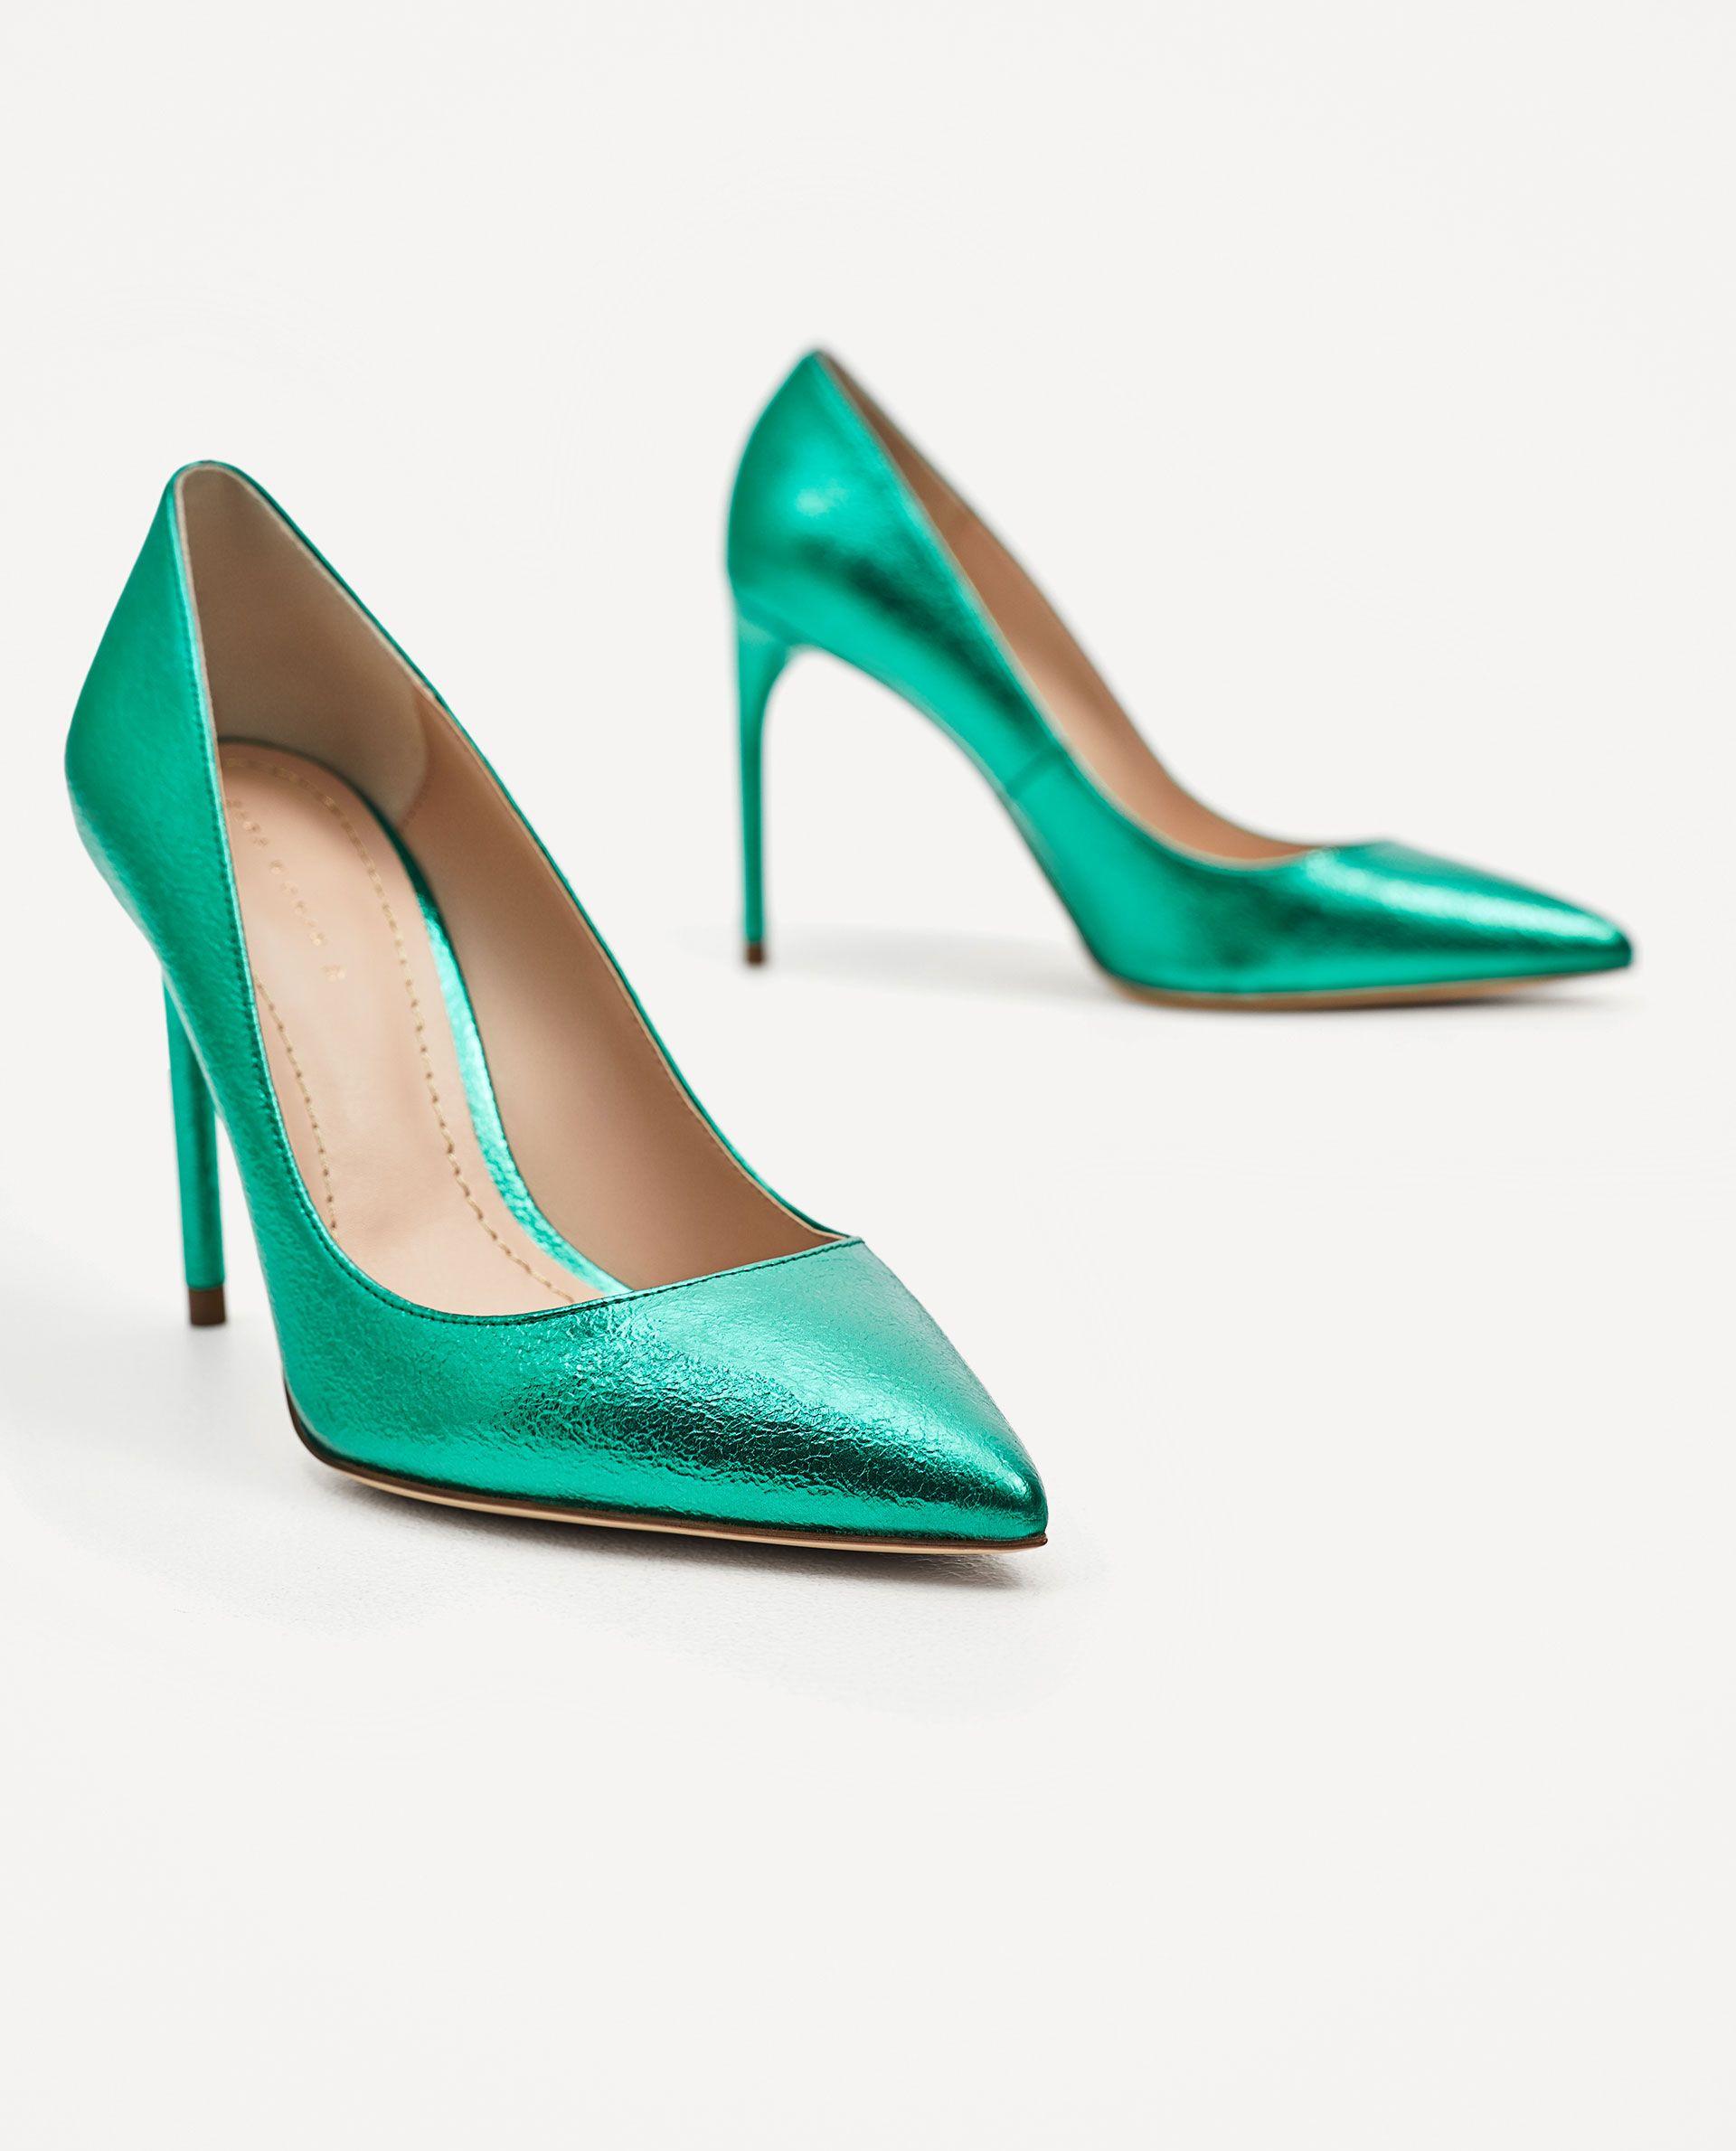 051d0cbc SALÓN VERDE METALIZADO | zapatos | Tacones verdes, Salones verdes y Zara